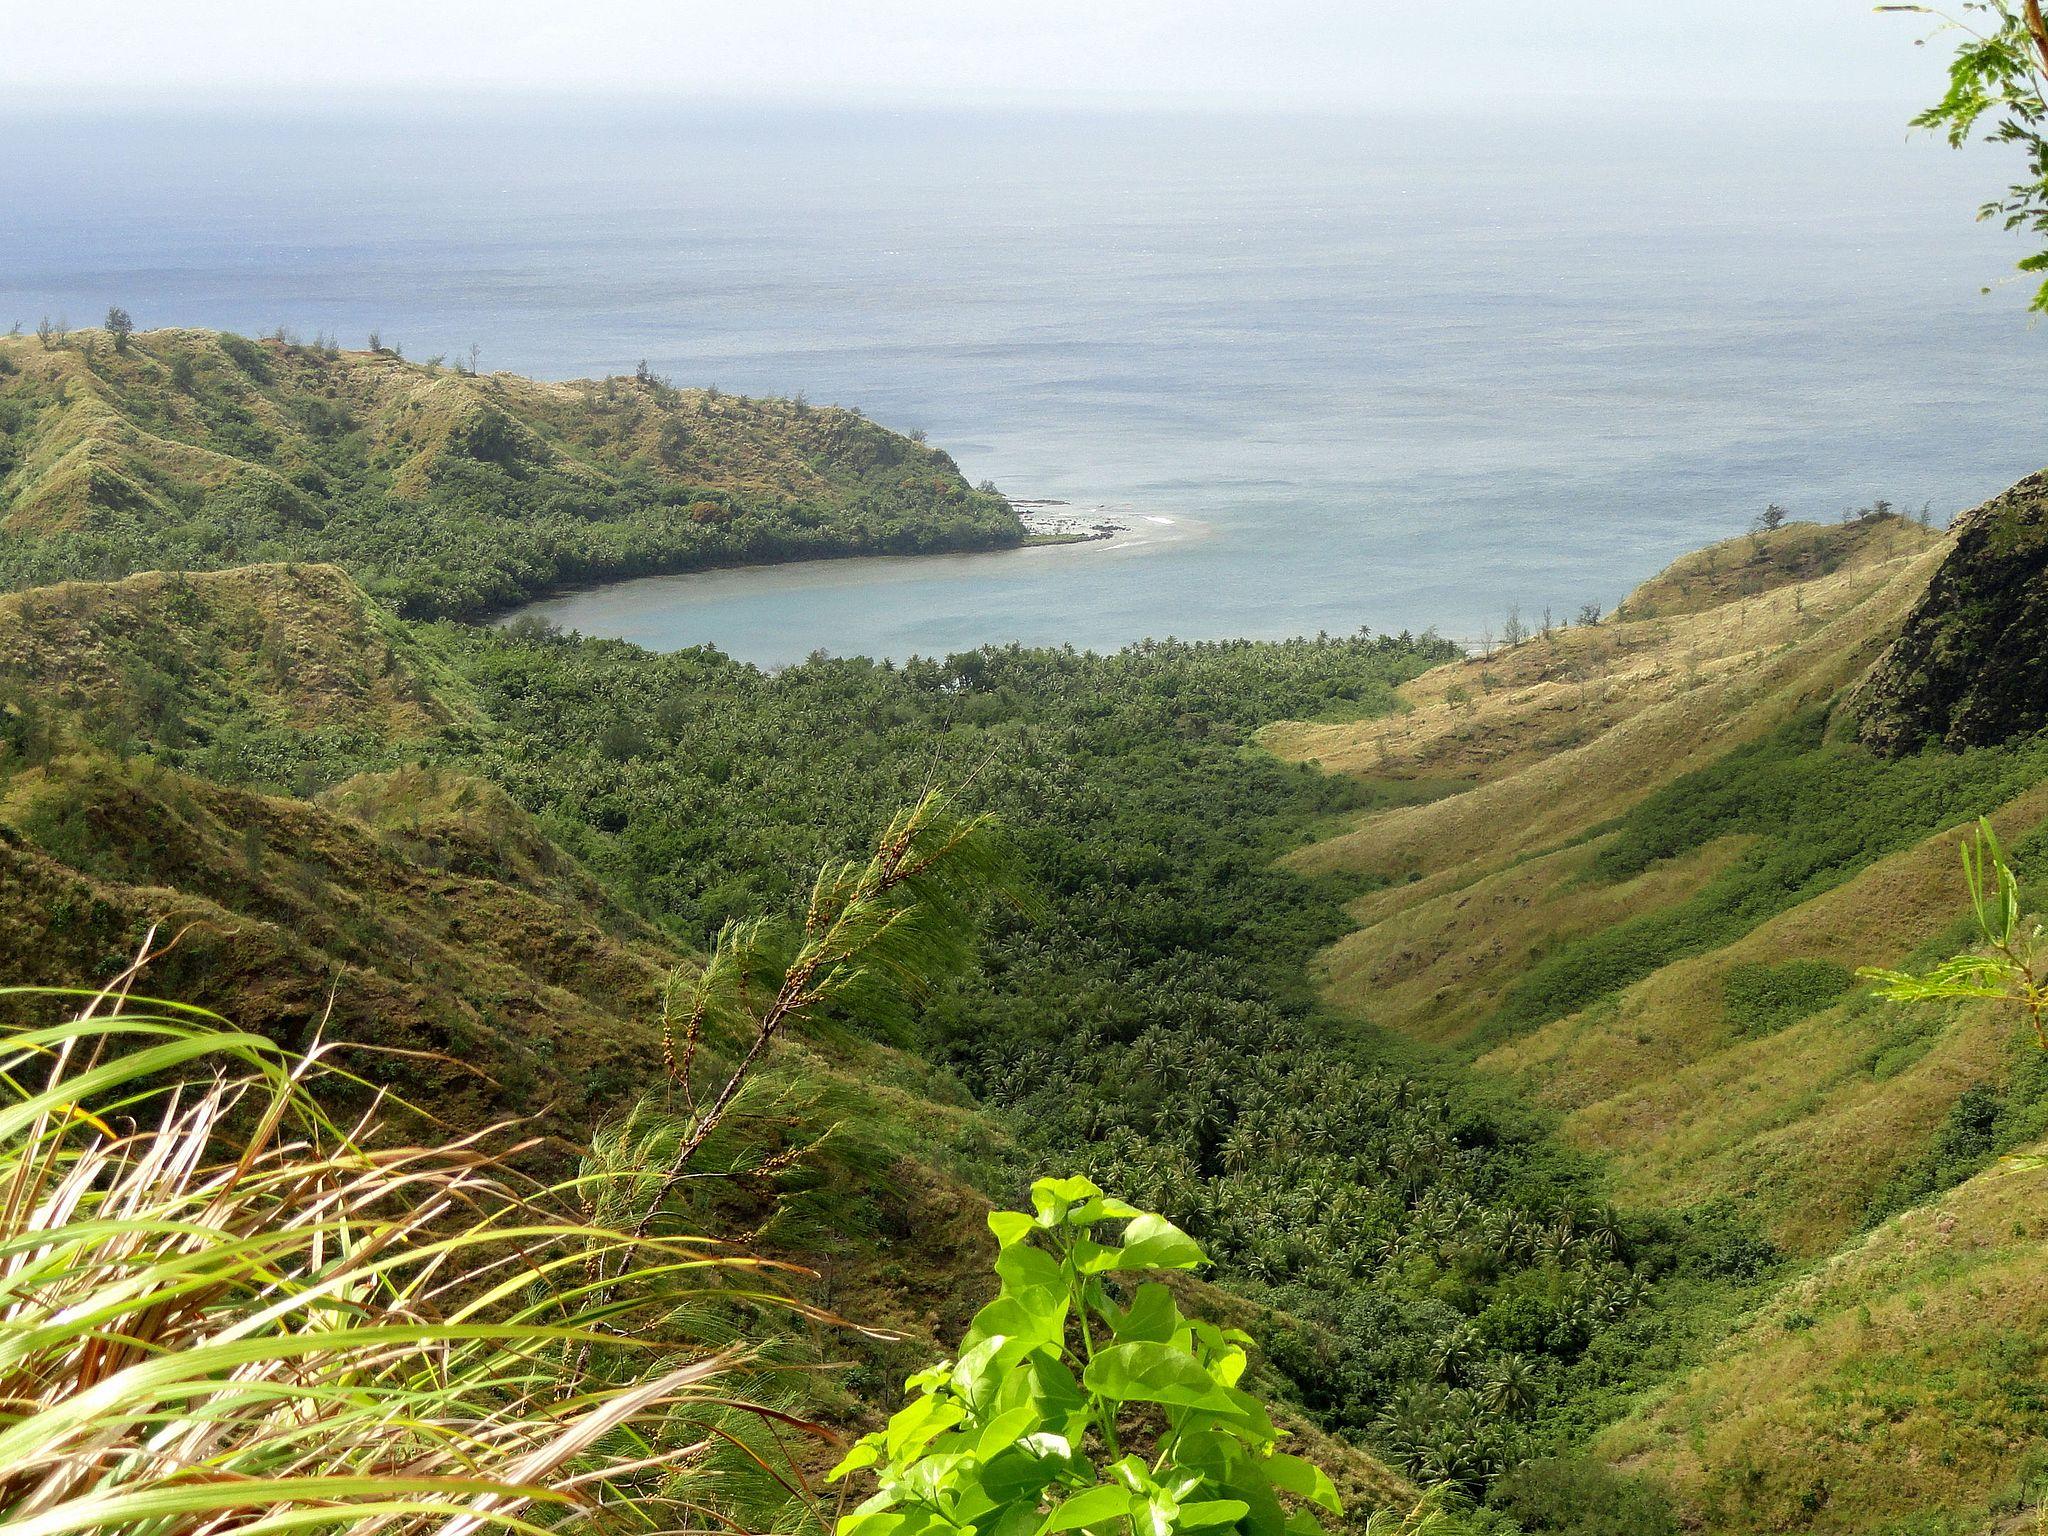 Cetti Bay, Guam - Public Domain